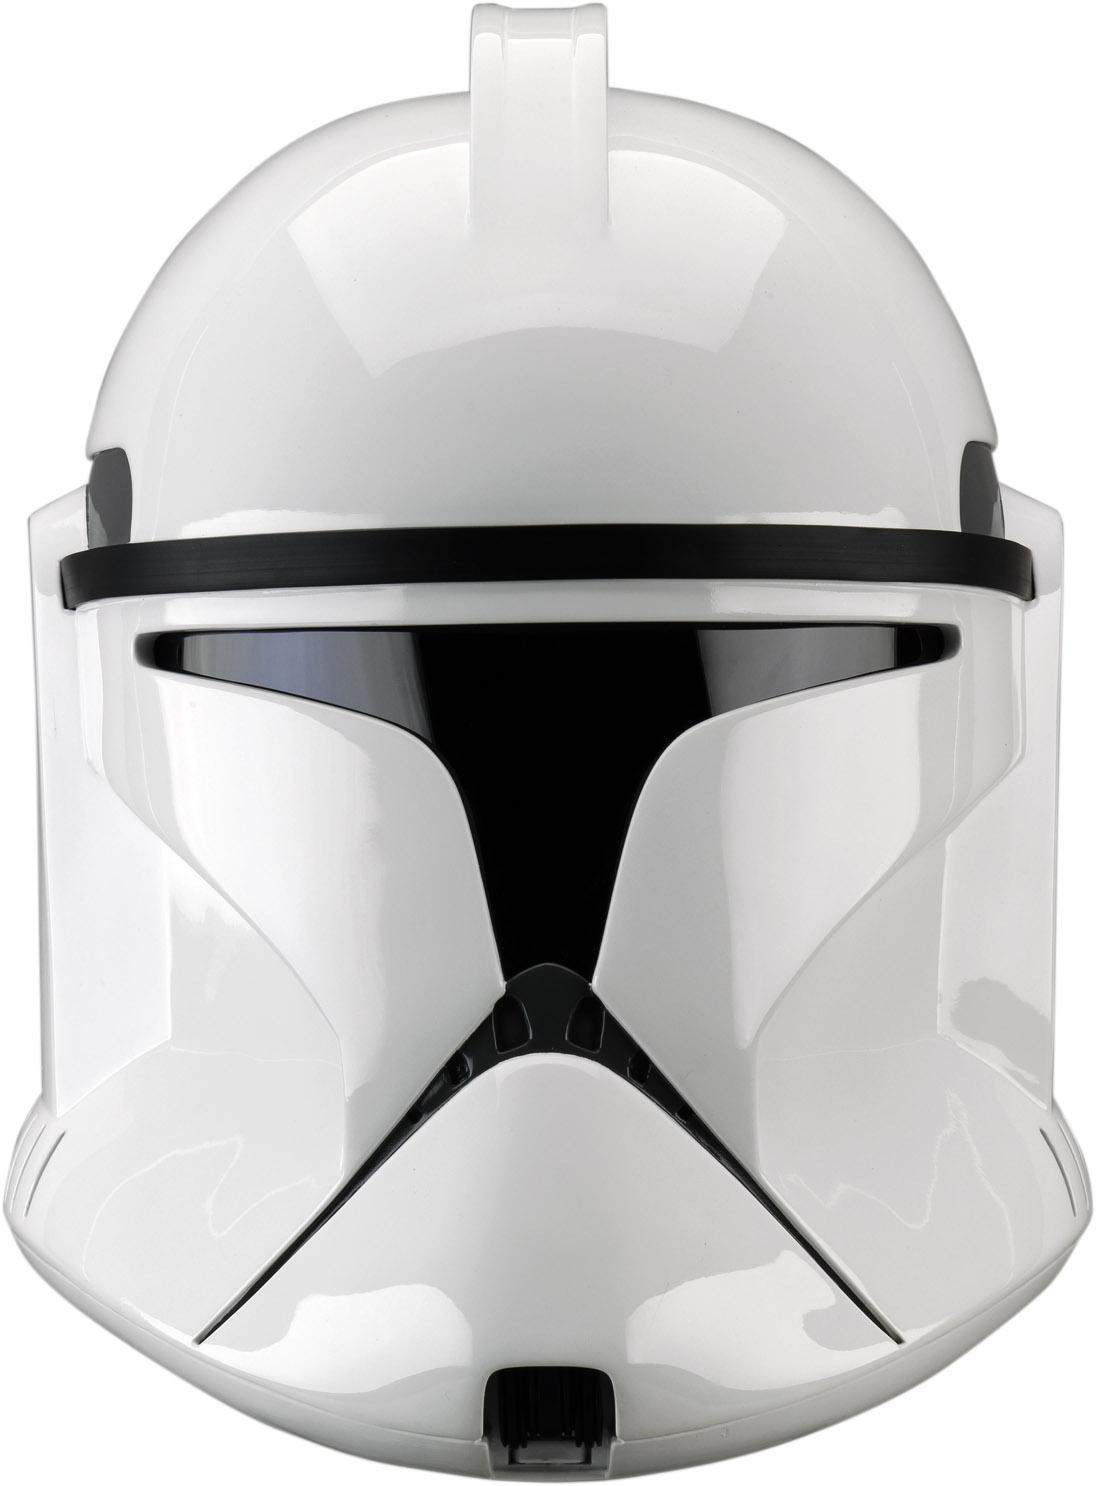 Star Wars Clone Wars Clone Troopers Trooper.jpg Star Wars